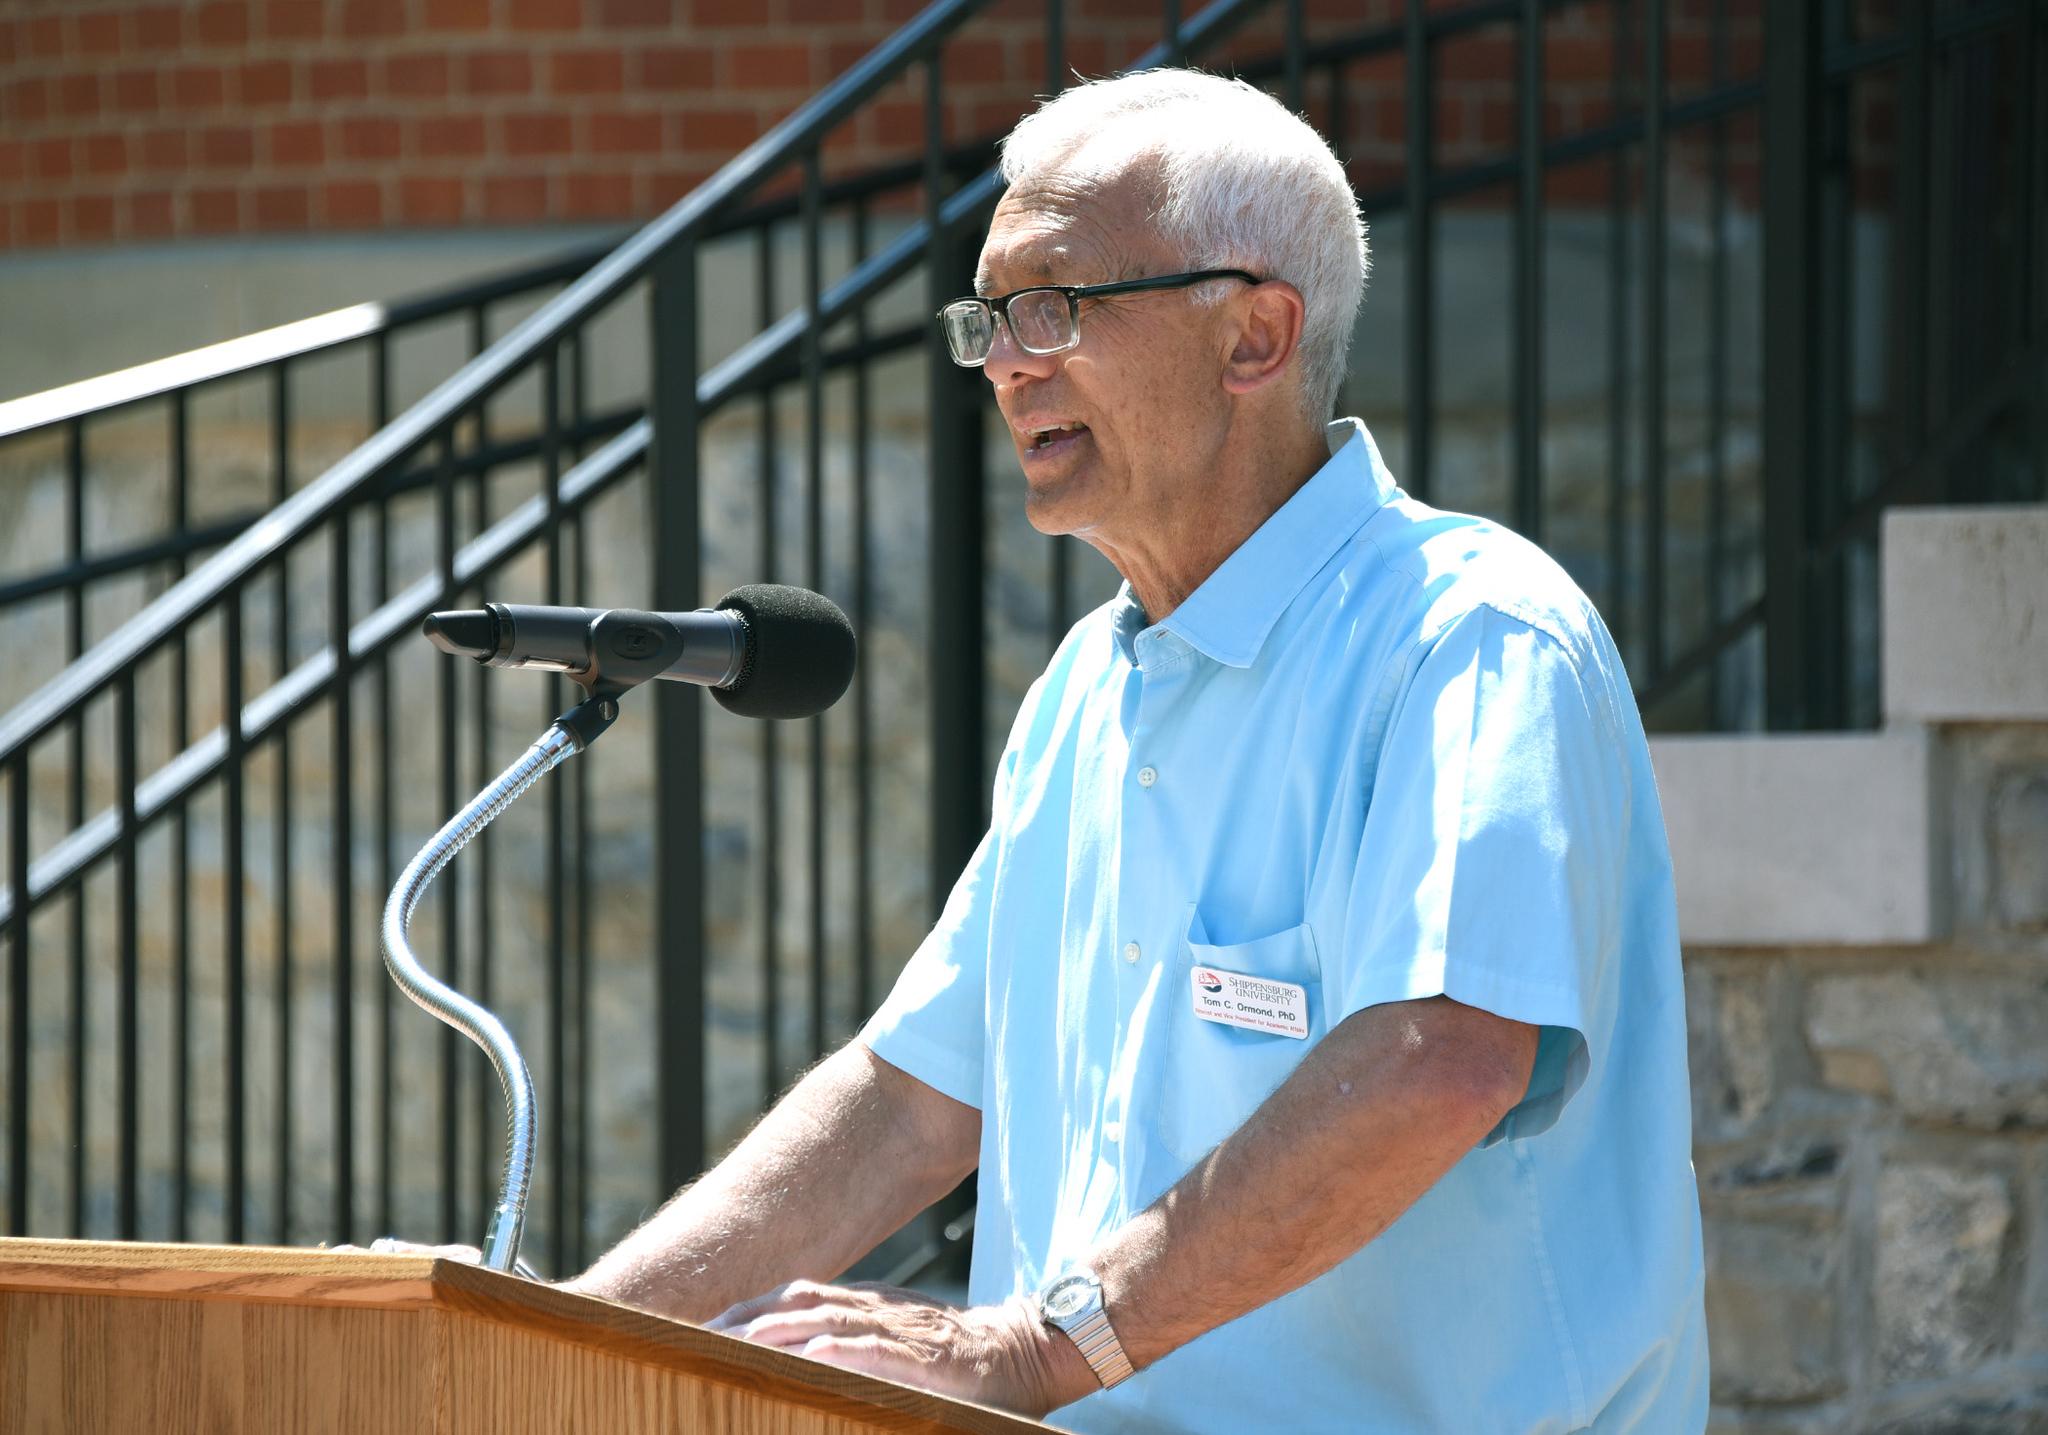 Dr. Tom Ormond